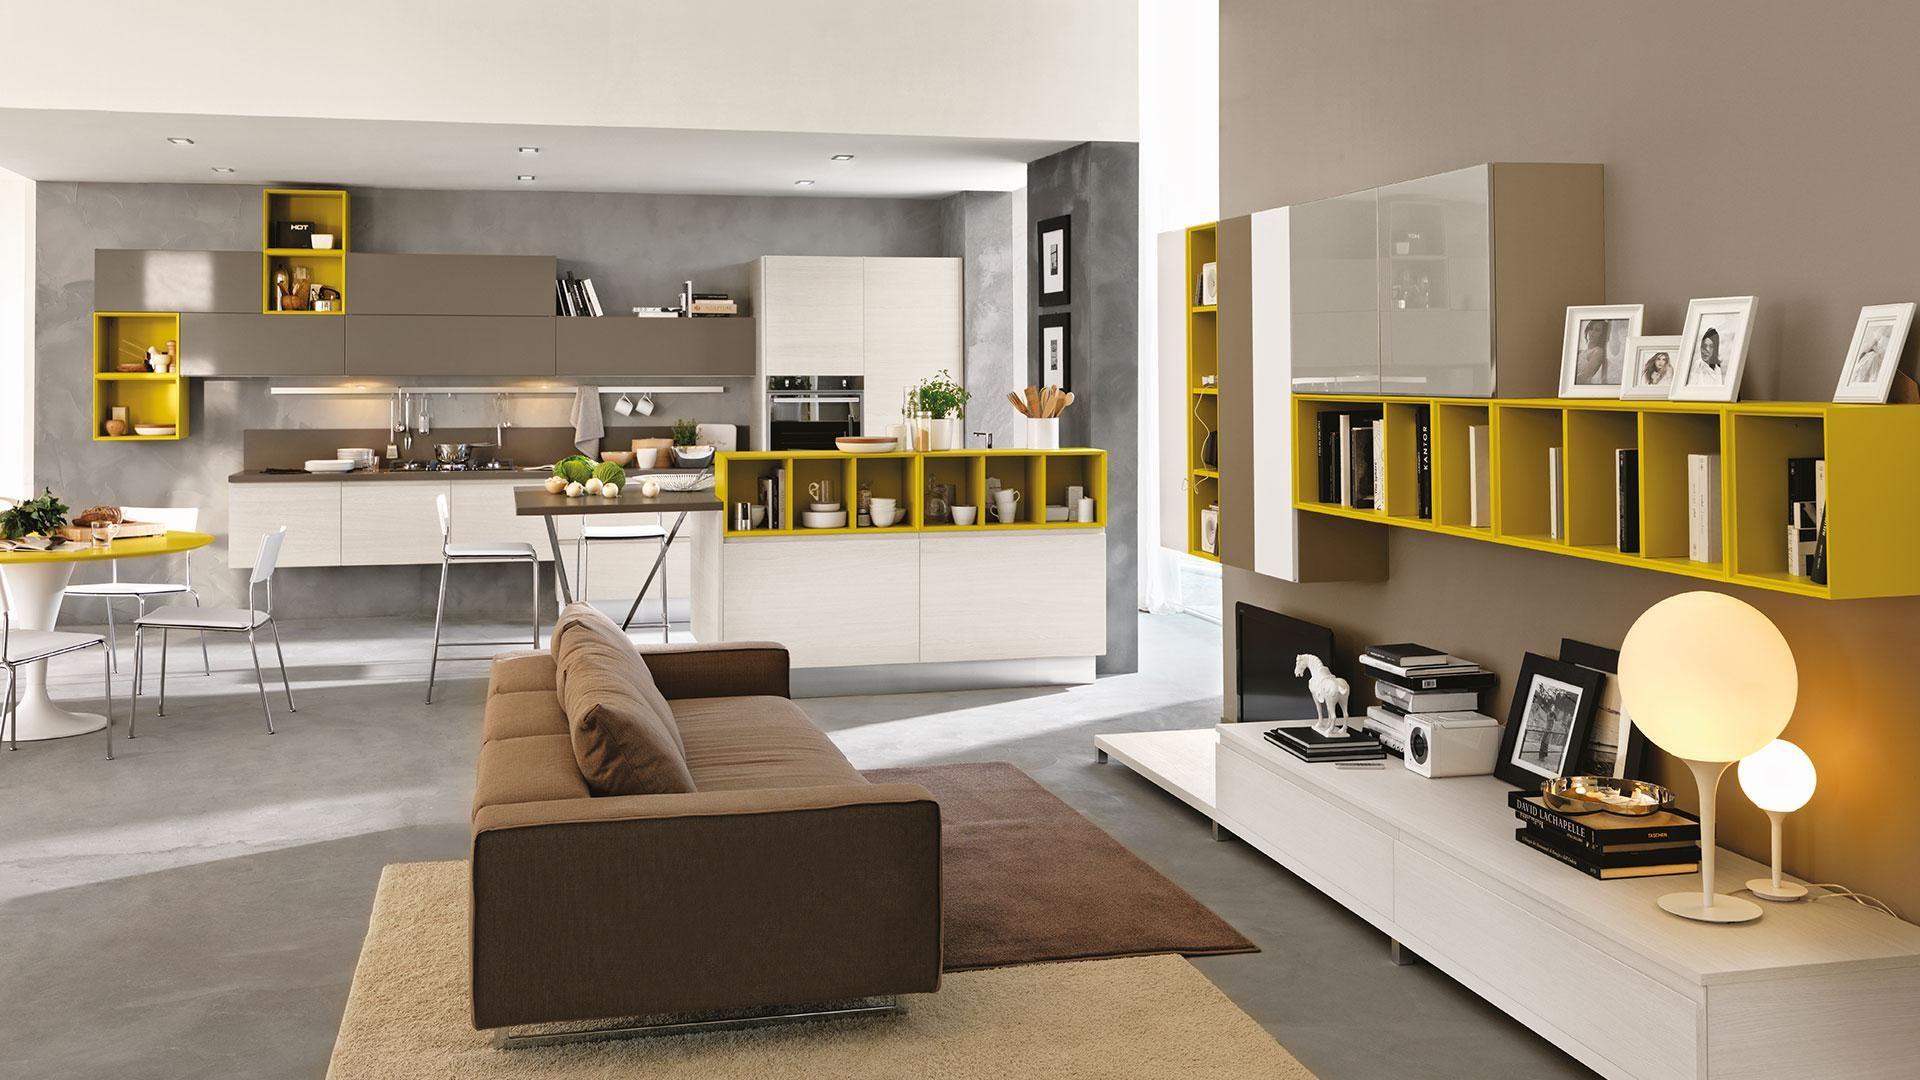 Linda - Cucine Lube   Arredamento grigio, Arredamento e Cucine